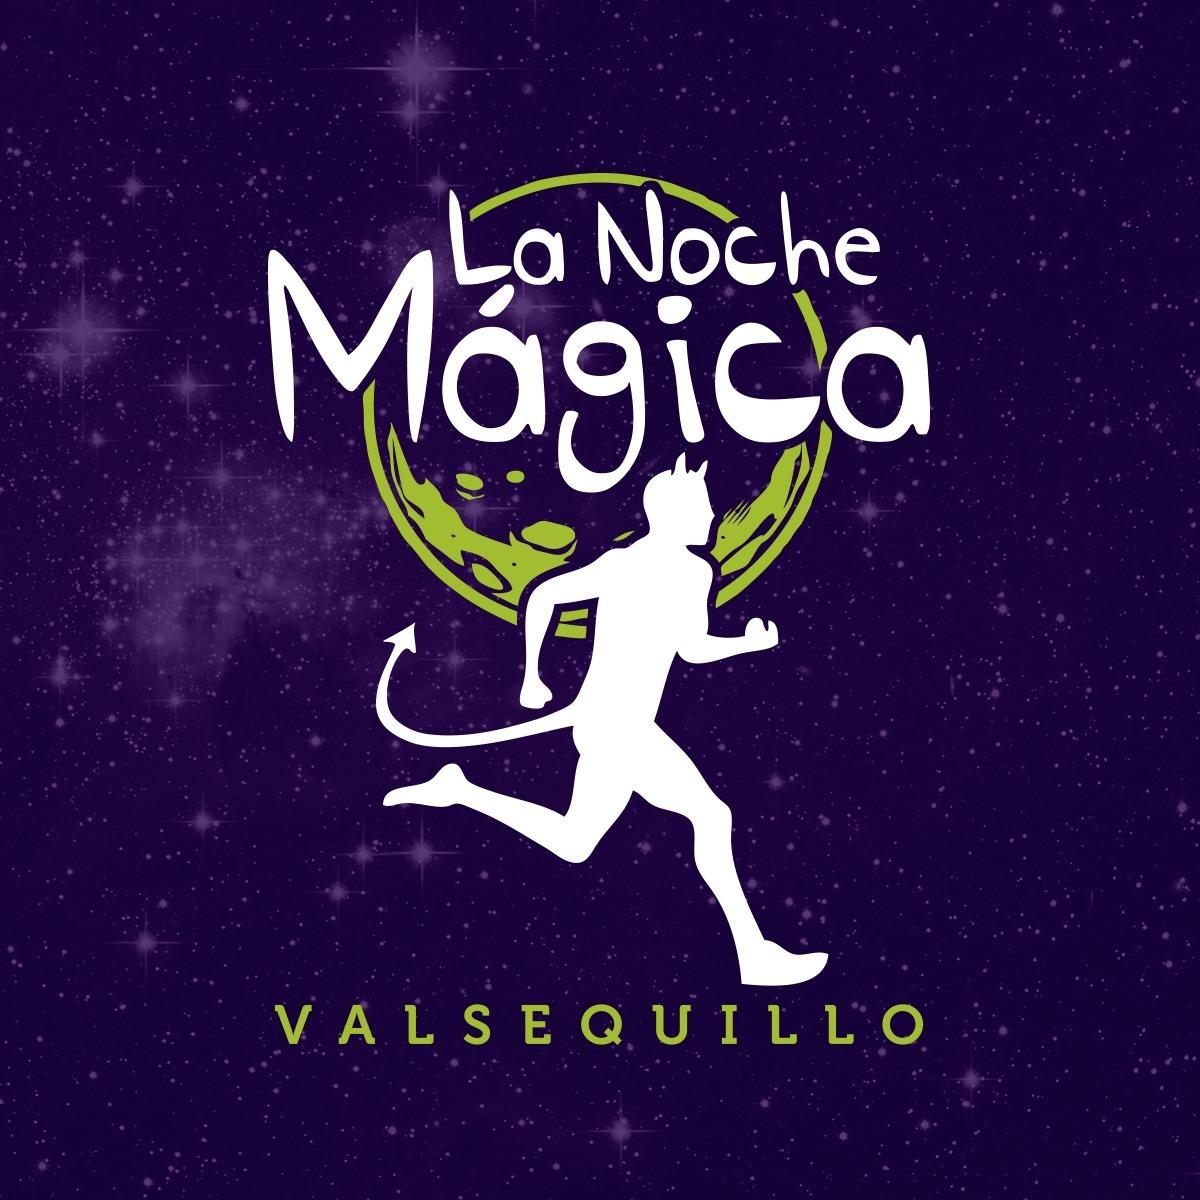 Cartel Oficial de La Noche Mágica 2021